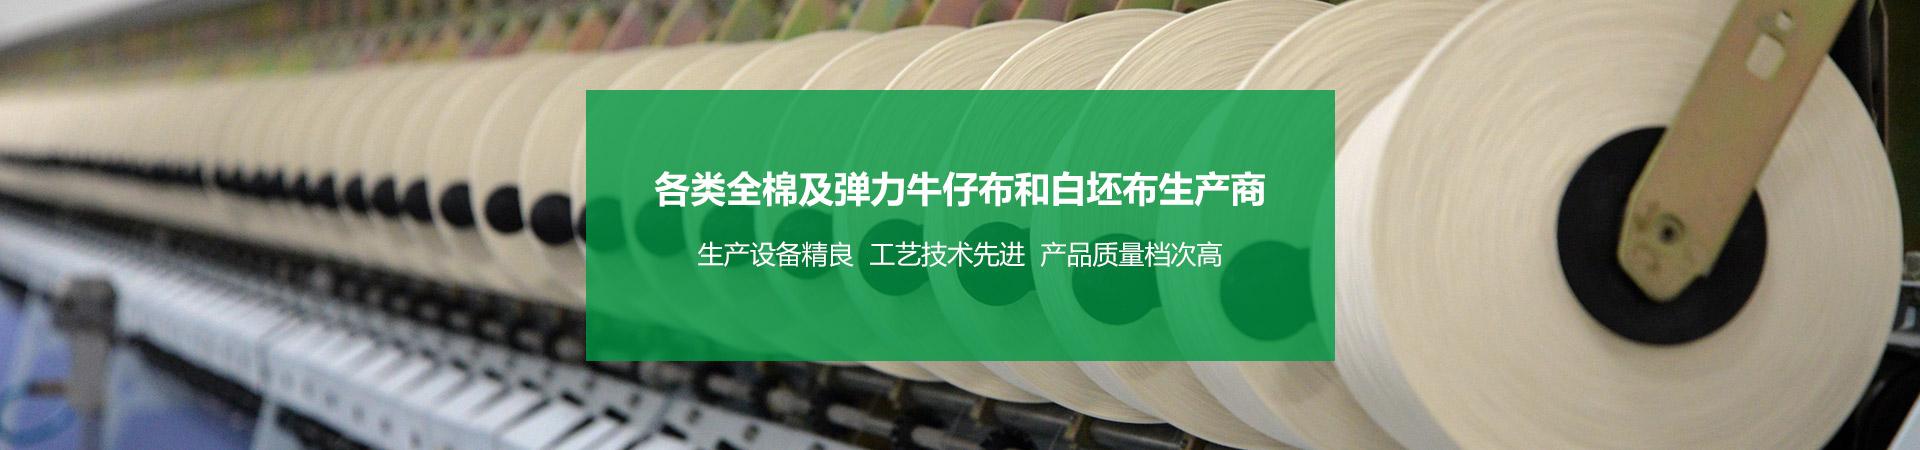 淄博舜仟福纺织有限公司